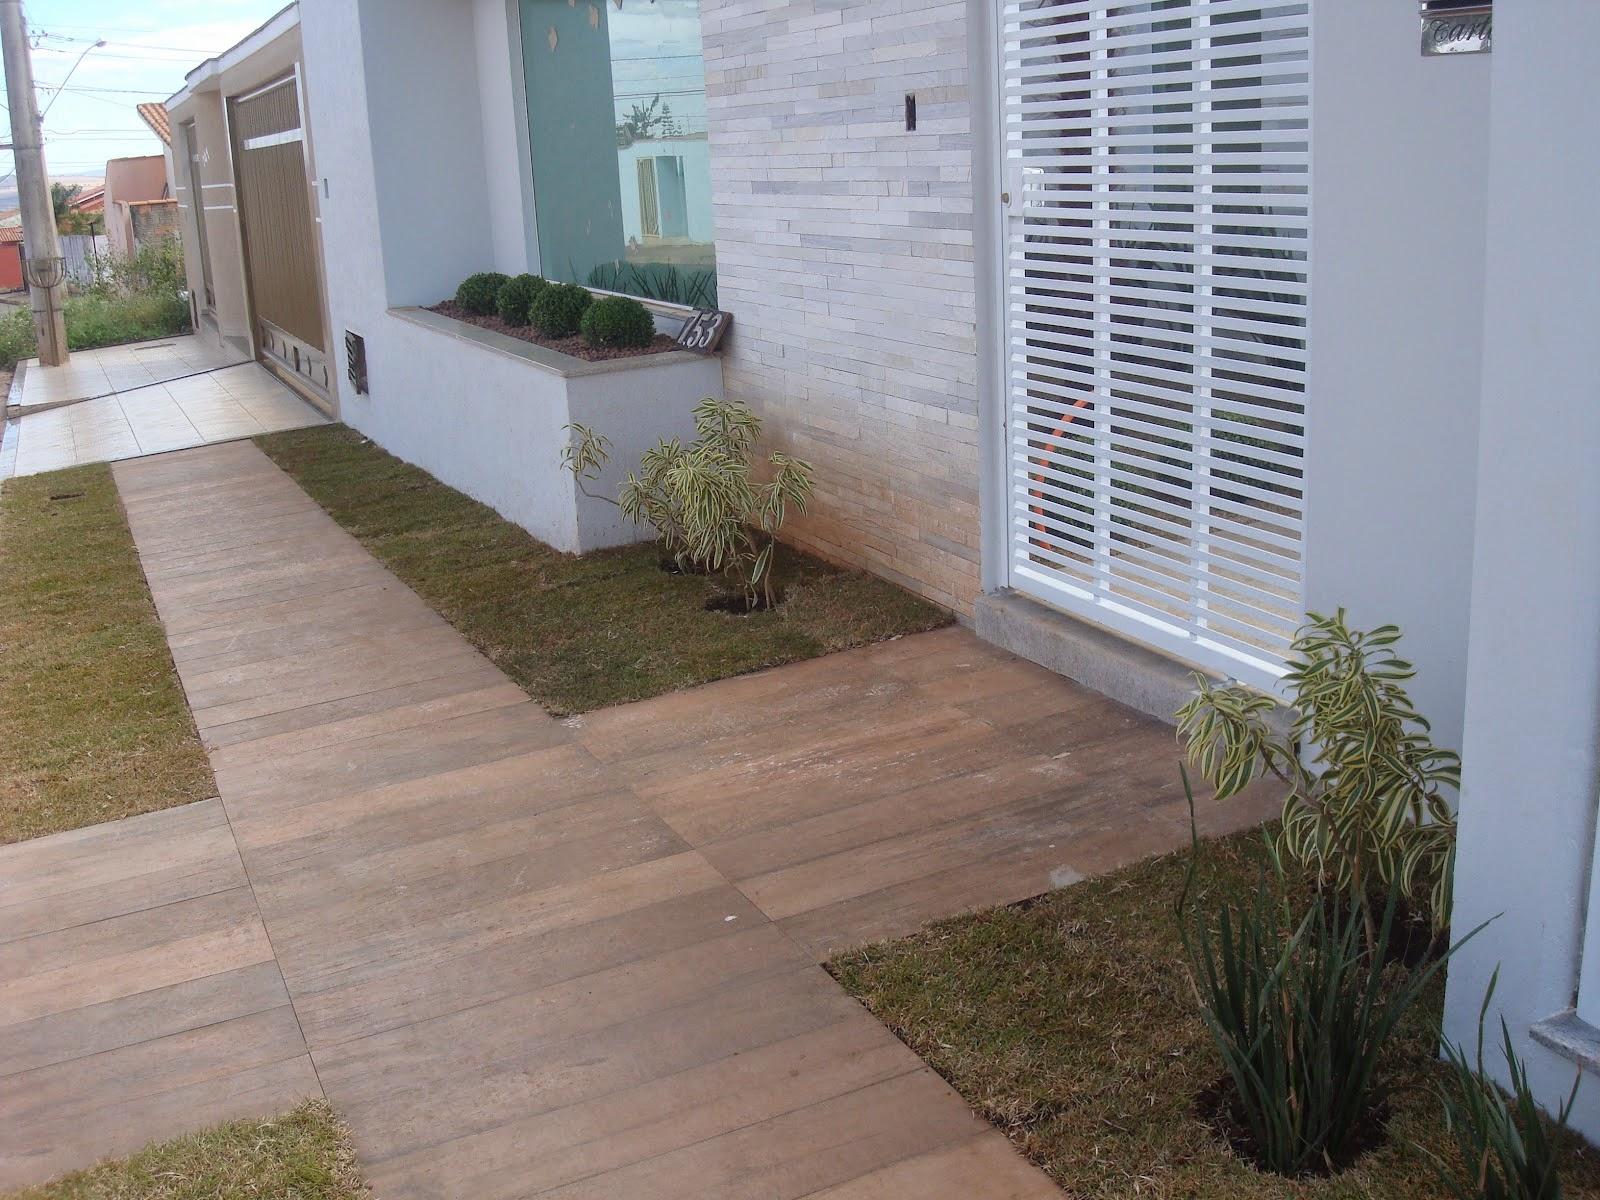 #5D4D3B  Residenciais Modernas com Paisagismo! Veja Dicas de Pisos e Pedras 1600x1200 px Banheiro Decorado Com Piso Que Imita Madeira 3583